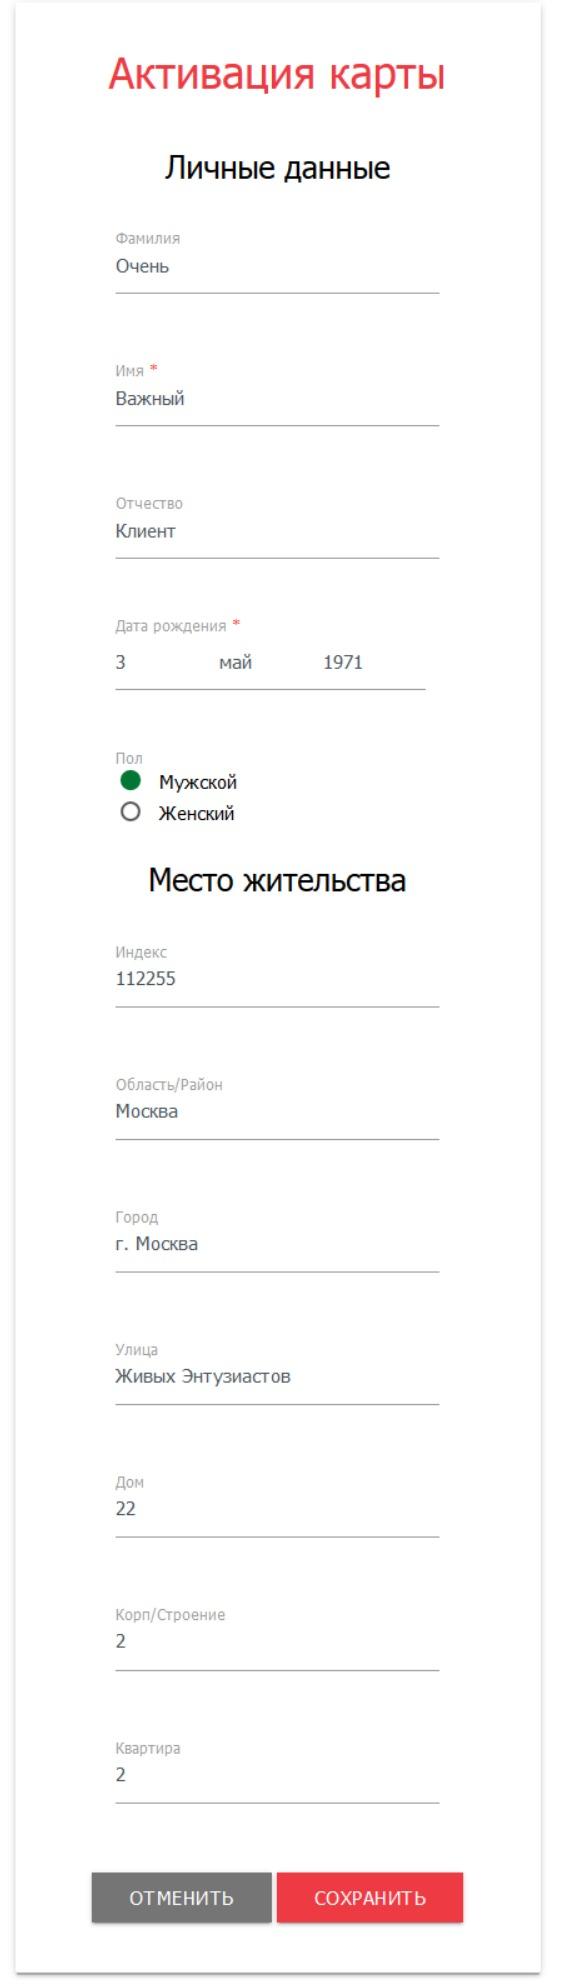 aktivatsiya-kartochki-spar.jpg